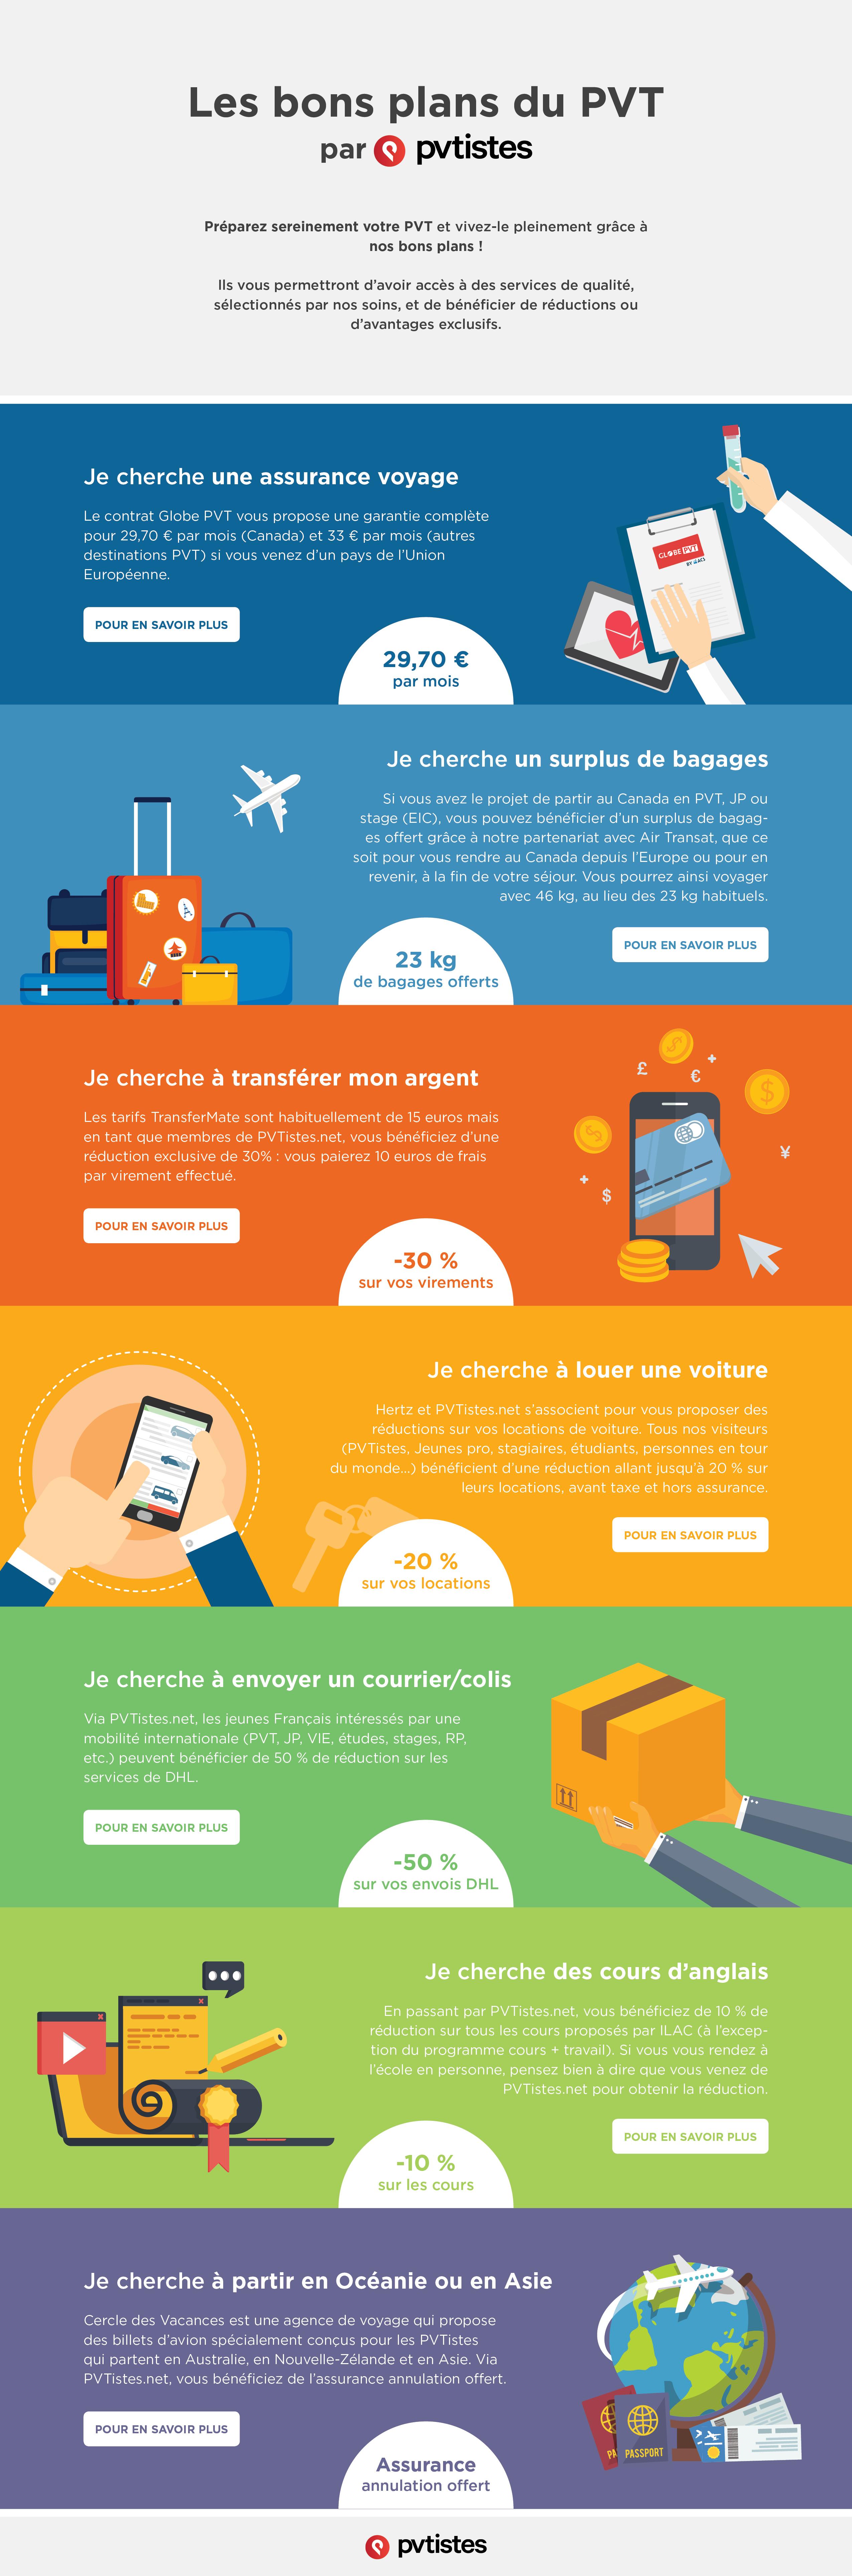 infographie-bons-plans-pvt